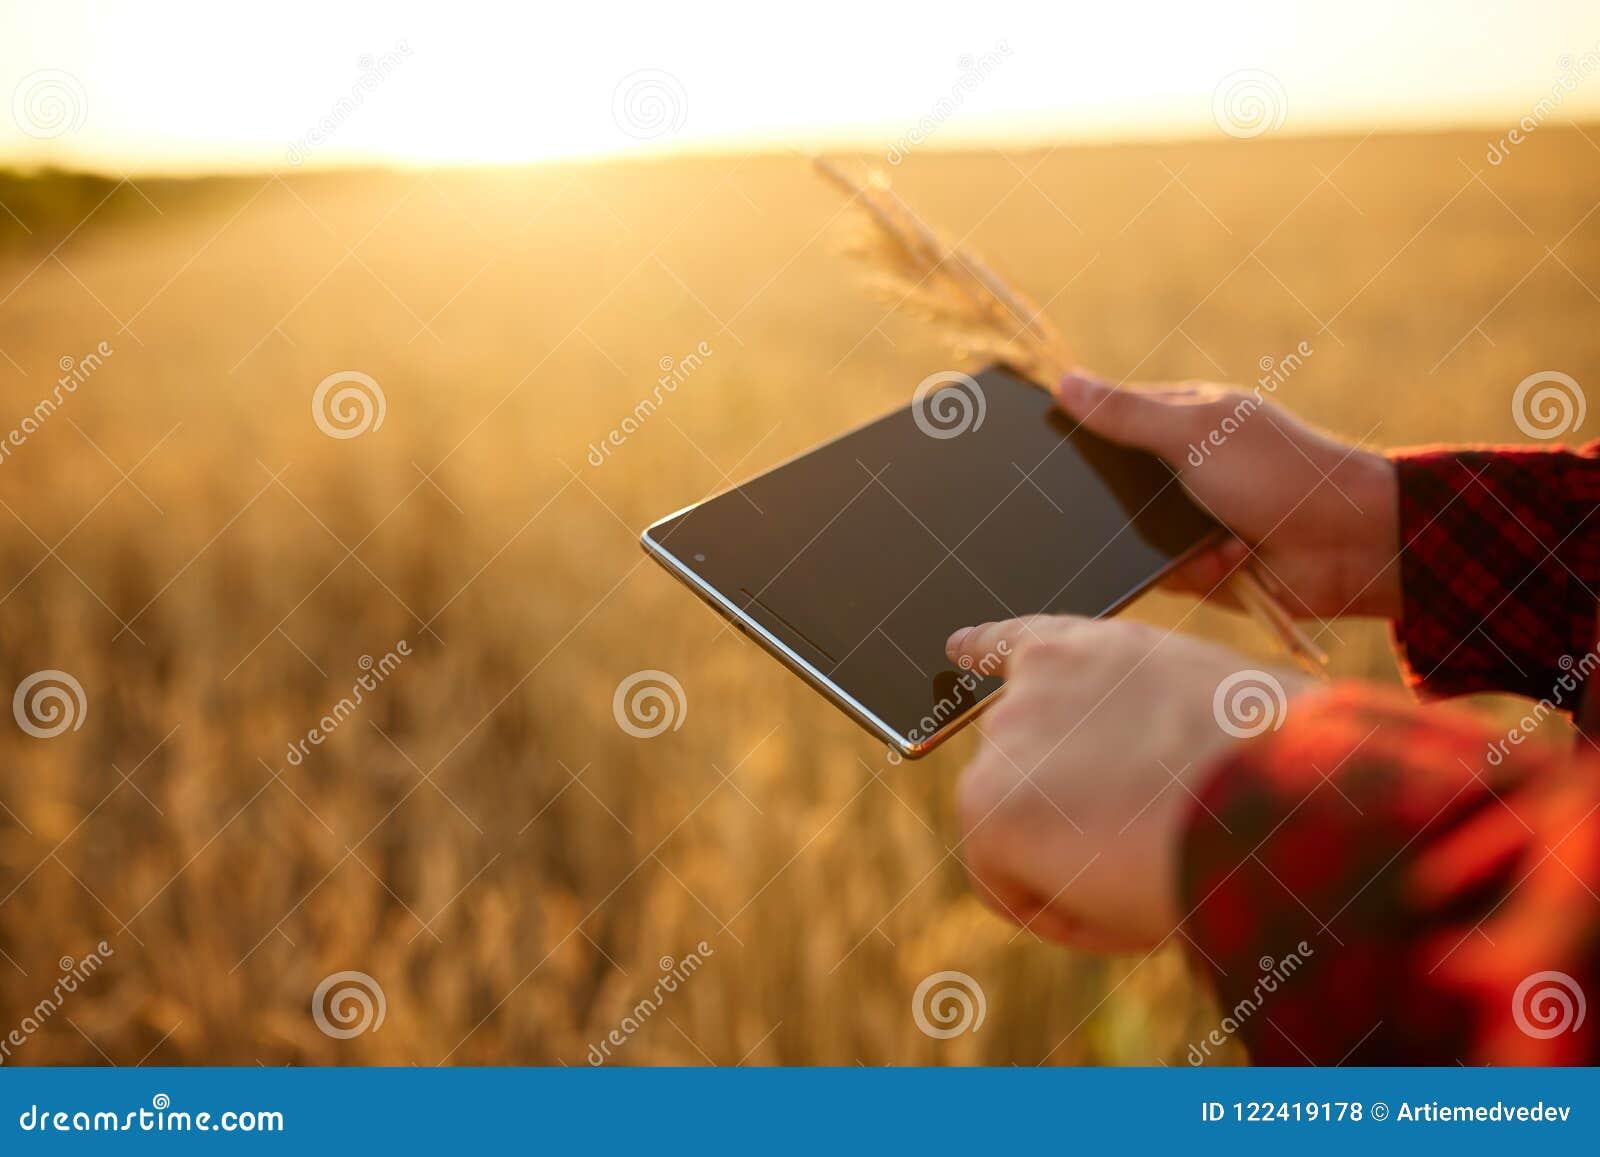 Smart que cultiva usando tecnologias modernas na agricultura Equipe o fazendeiro do agrônomo com o tablet pc digital no trigo